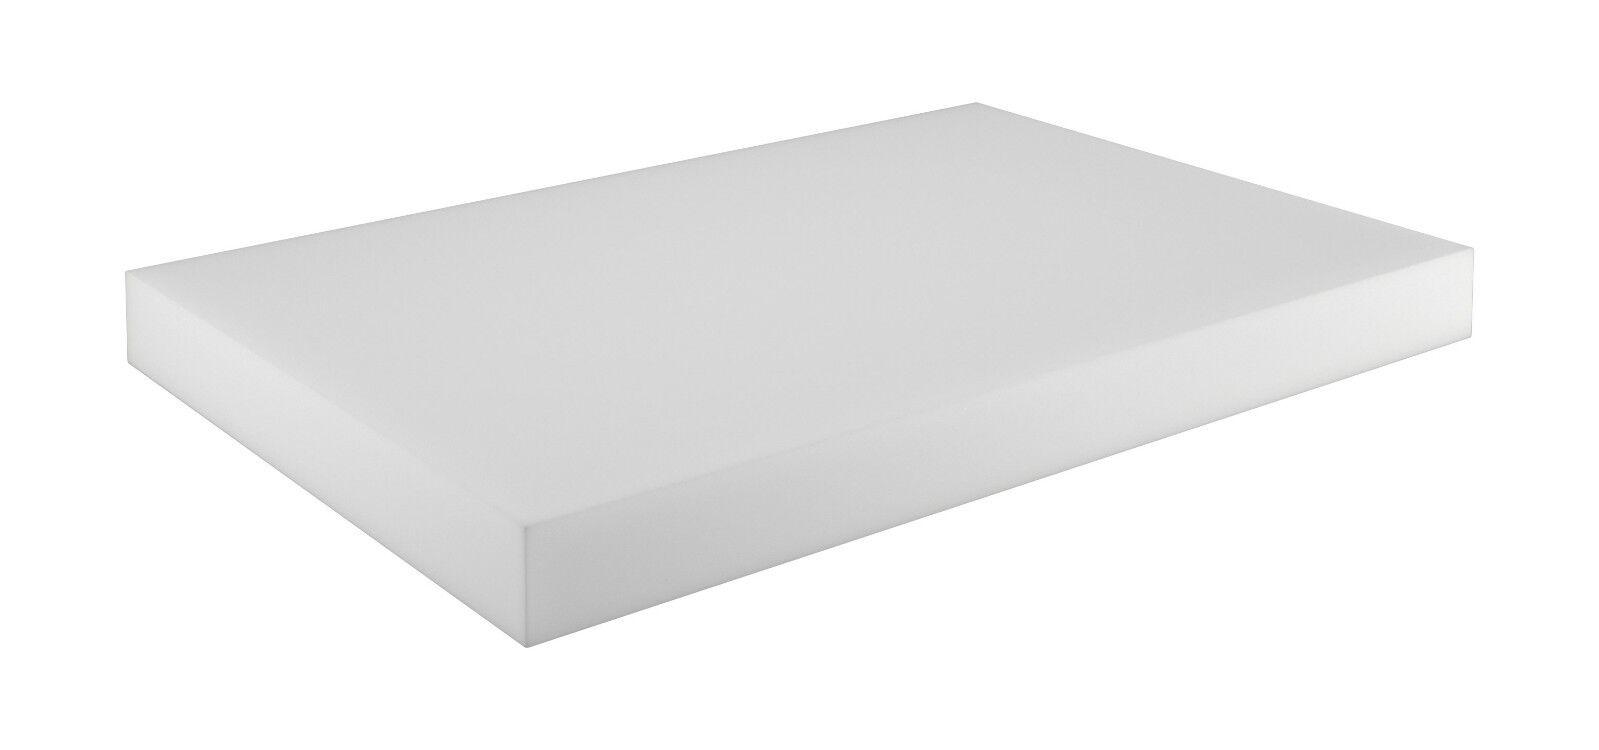 Schaumstoffplatte für Europalette Polsterauflage Matratze Zuschnitt 120x80cm Sitzkissen 120x80x5cm